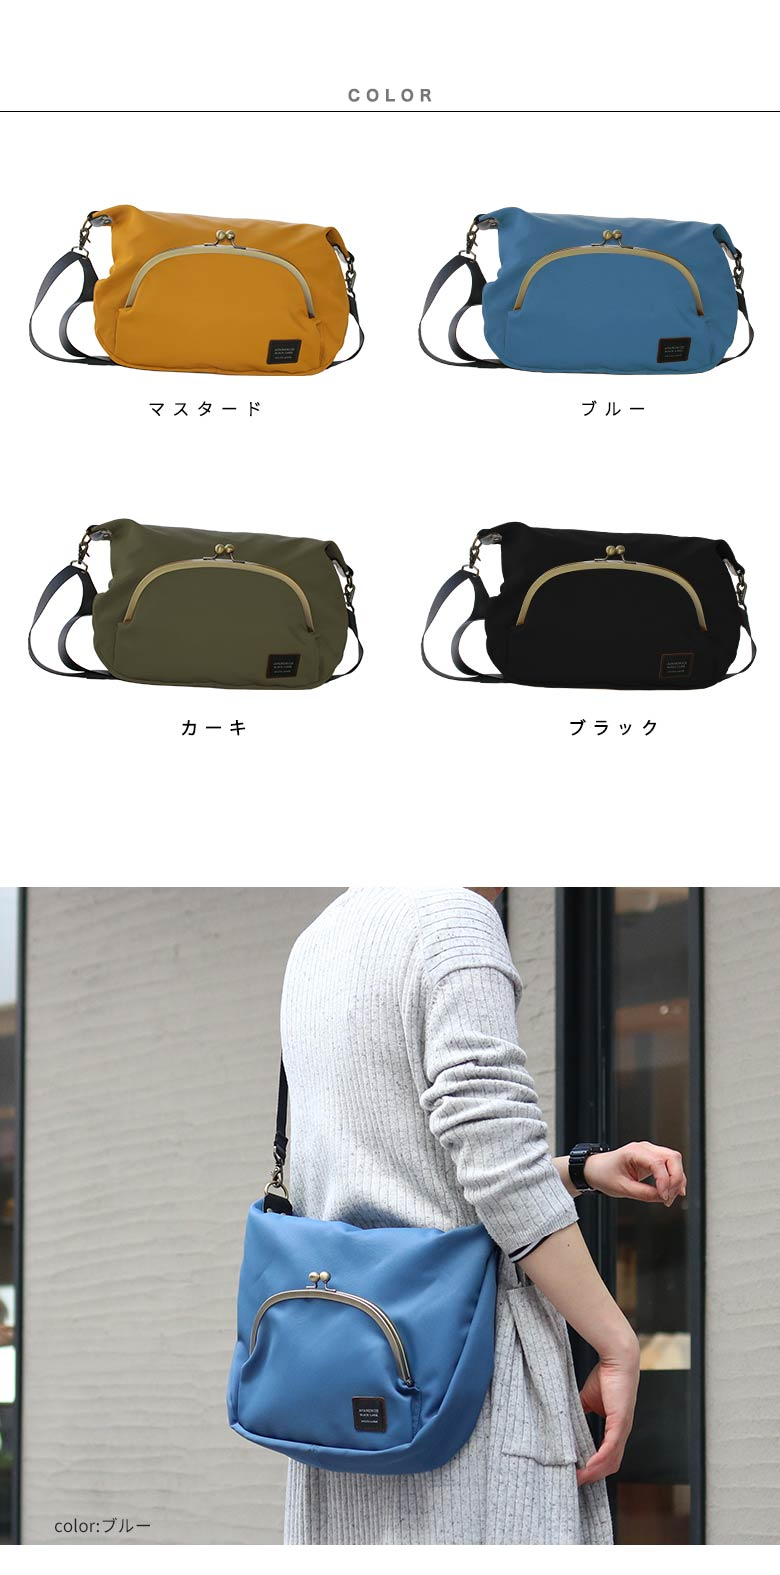 くし型がま口ポケット付きショルダーバッグ(大) COLOR マスタード、ブルー、カーキ、ブラック イメージ